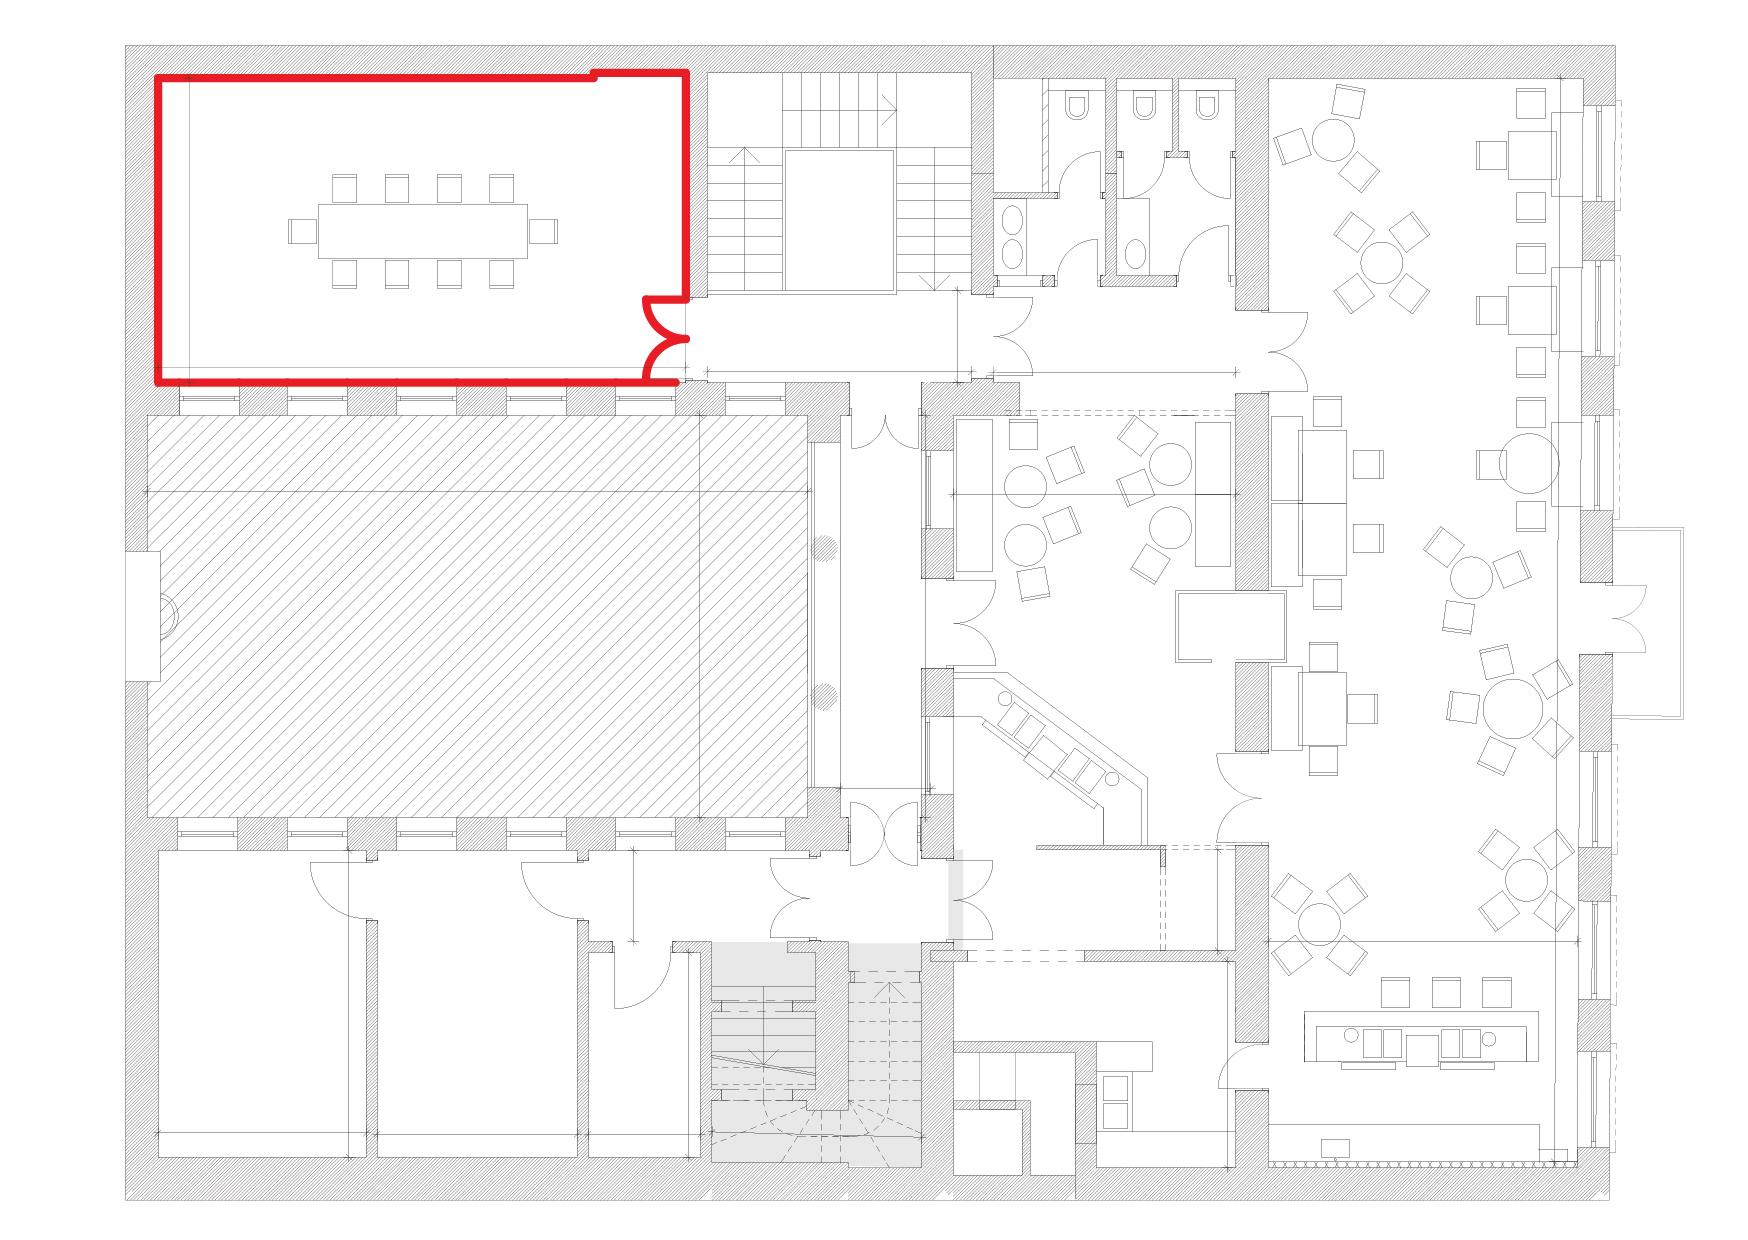 DRAWINGROOM-floorplan-05.jpg